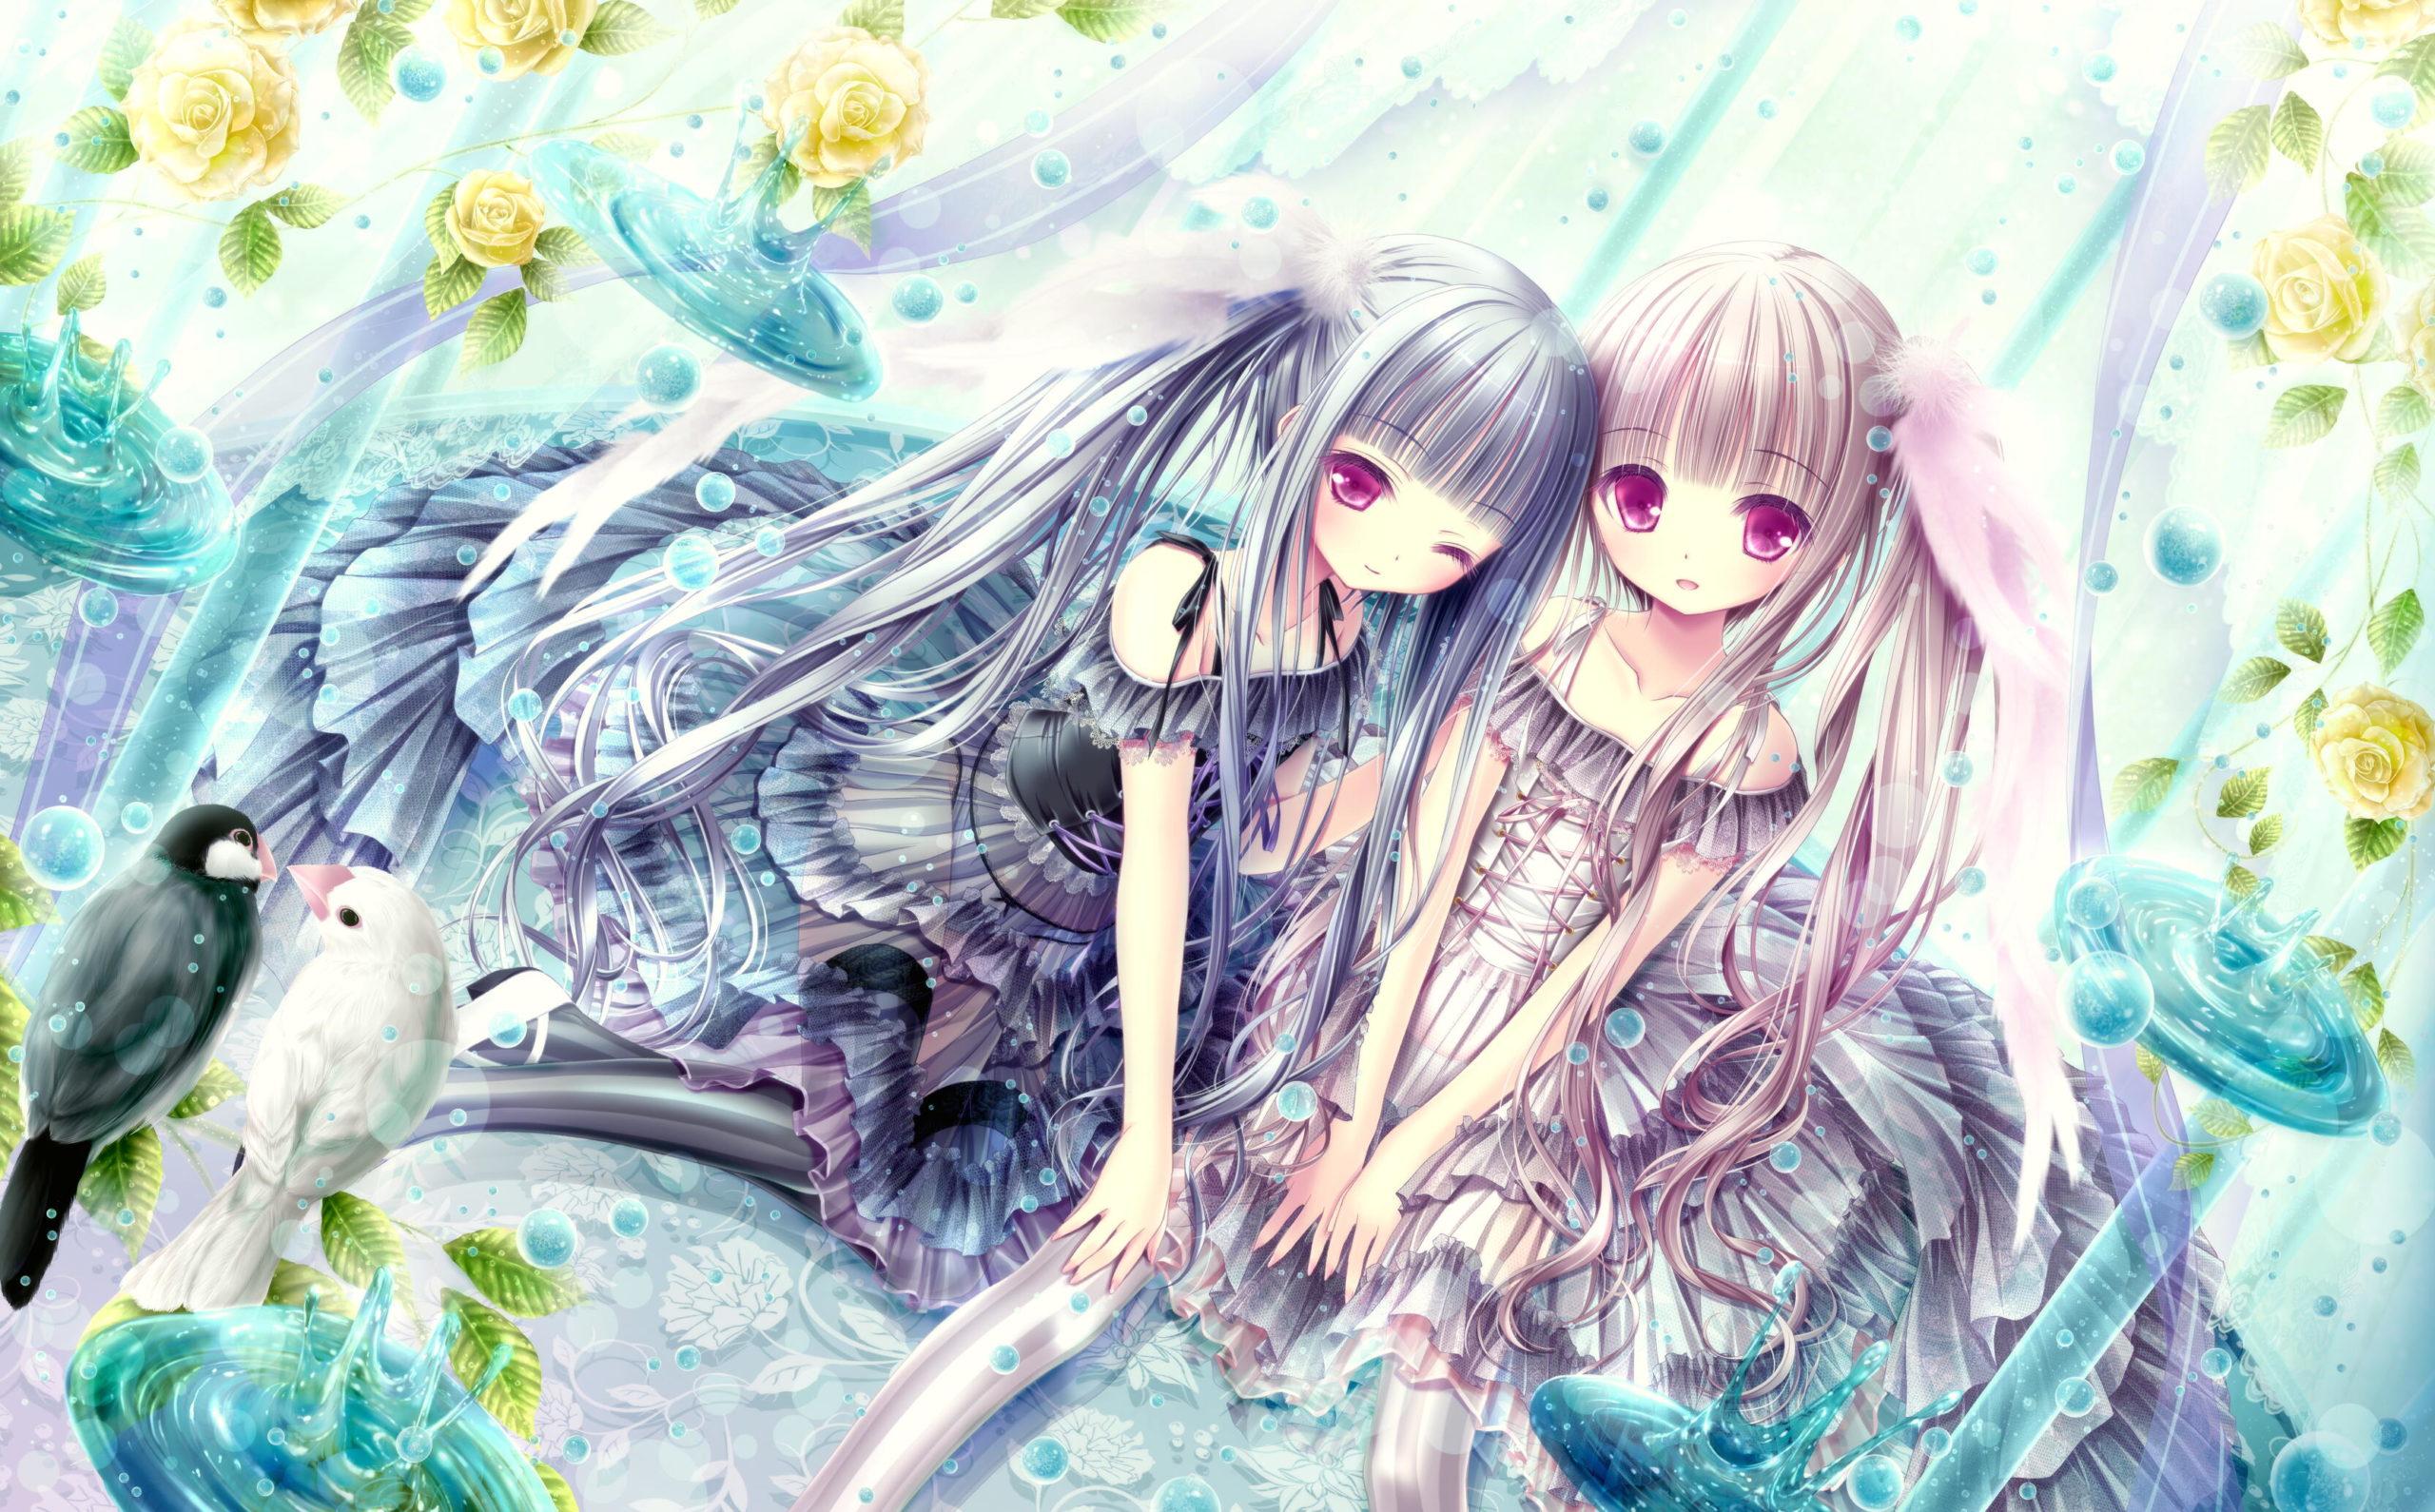 ★てぃんくる先生新作版画 『愛鳥の五季折々』 愛すべき鳥っ娘たち